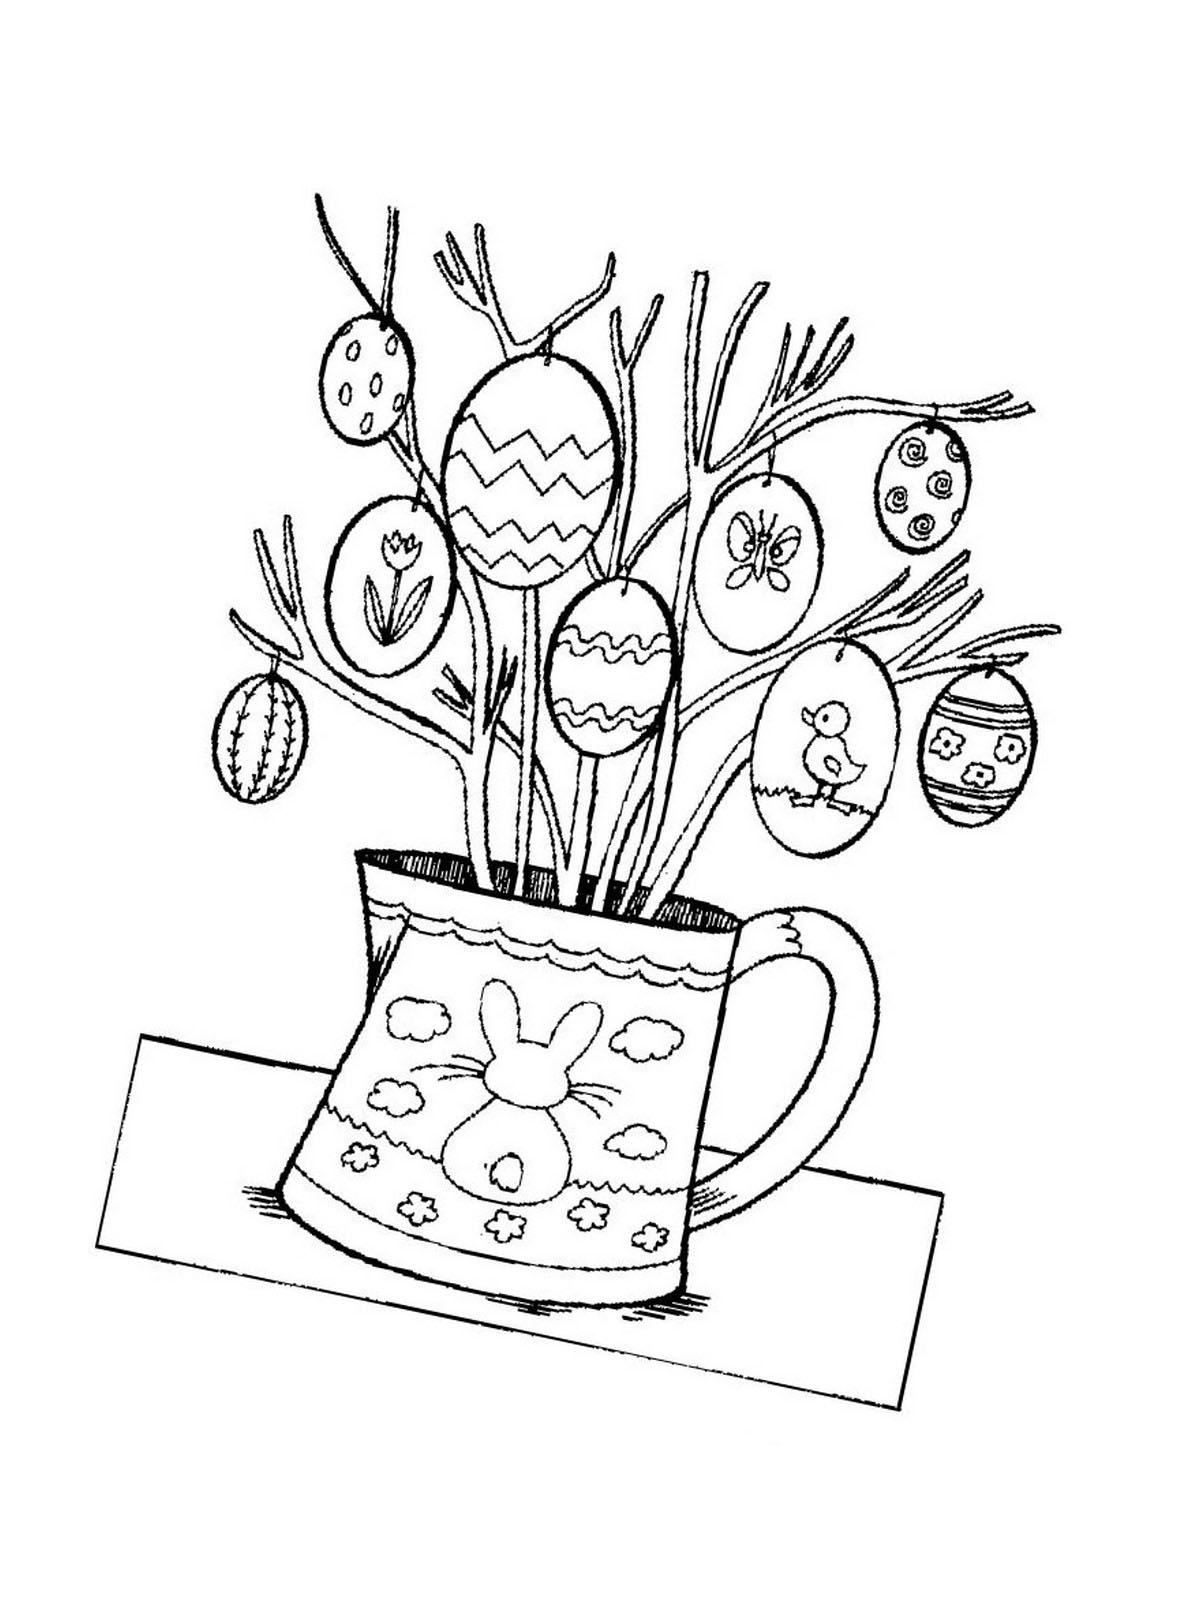 Malvorlagen Kostenlos Ostern Die Beste Idee Zum Ausmalen Von Seiten